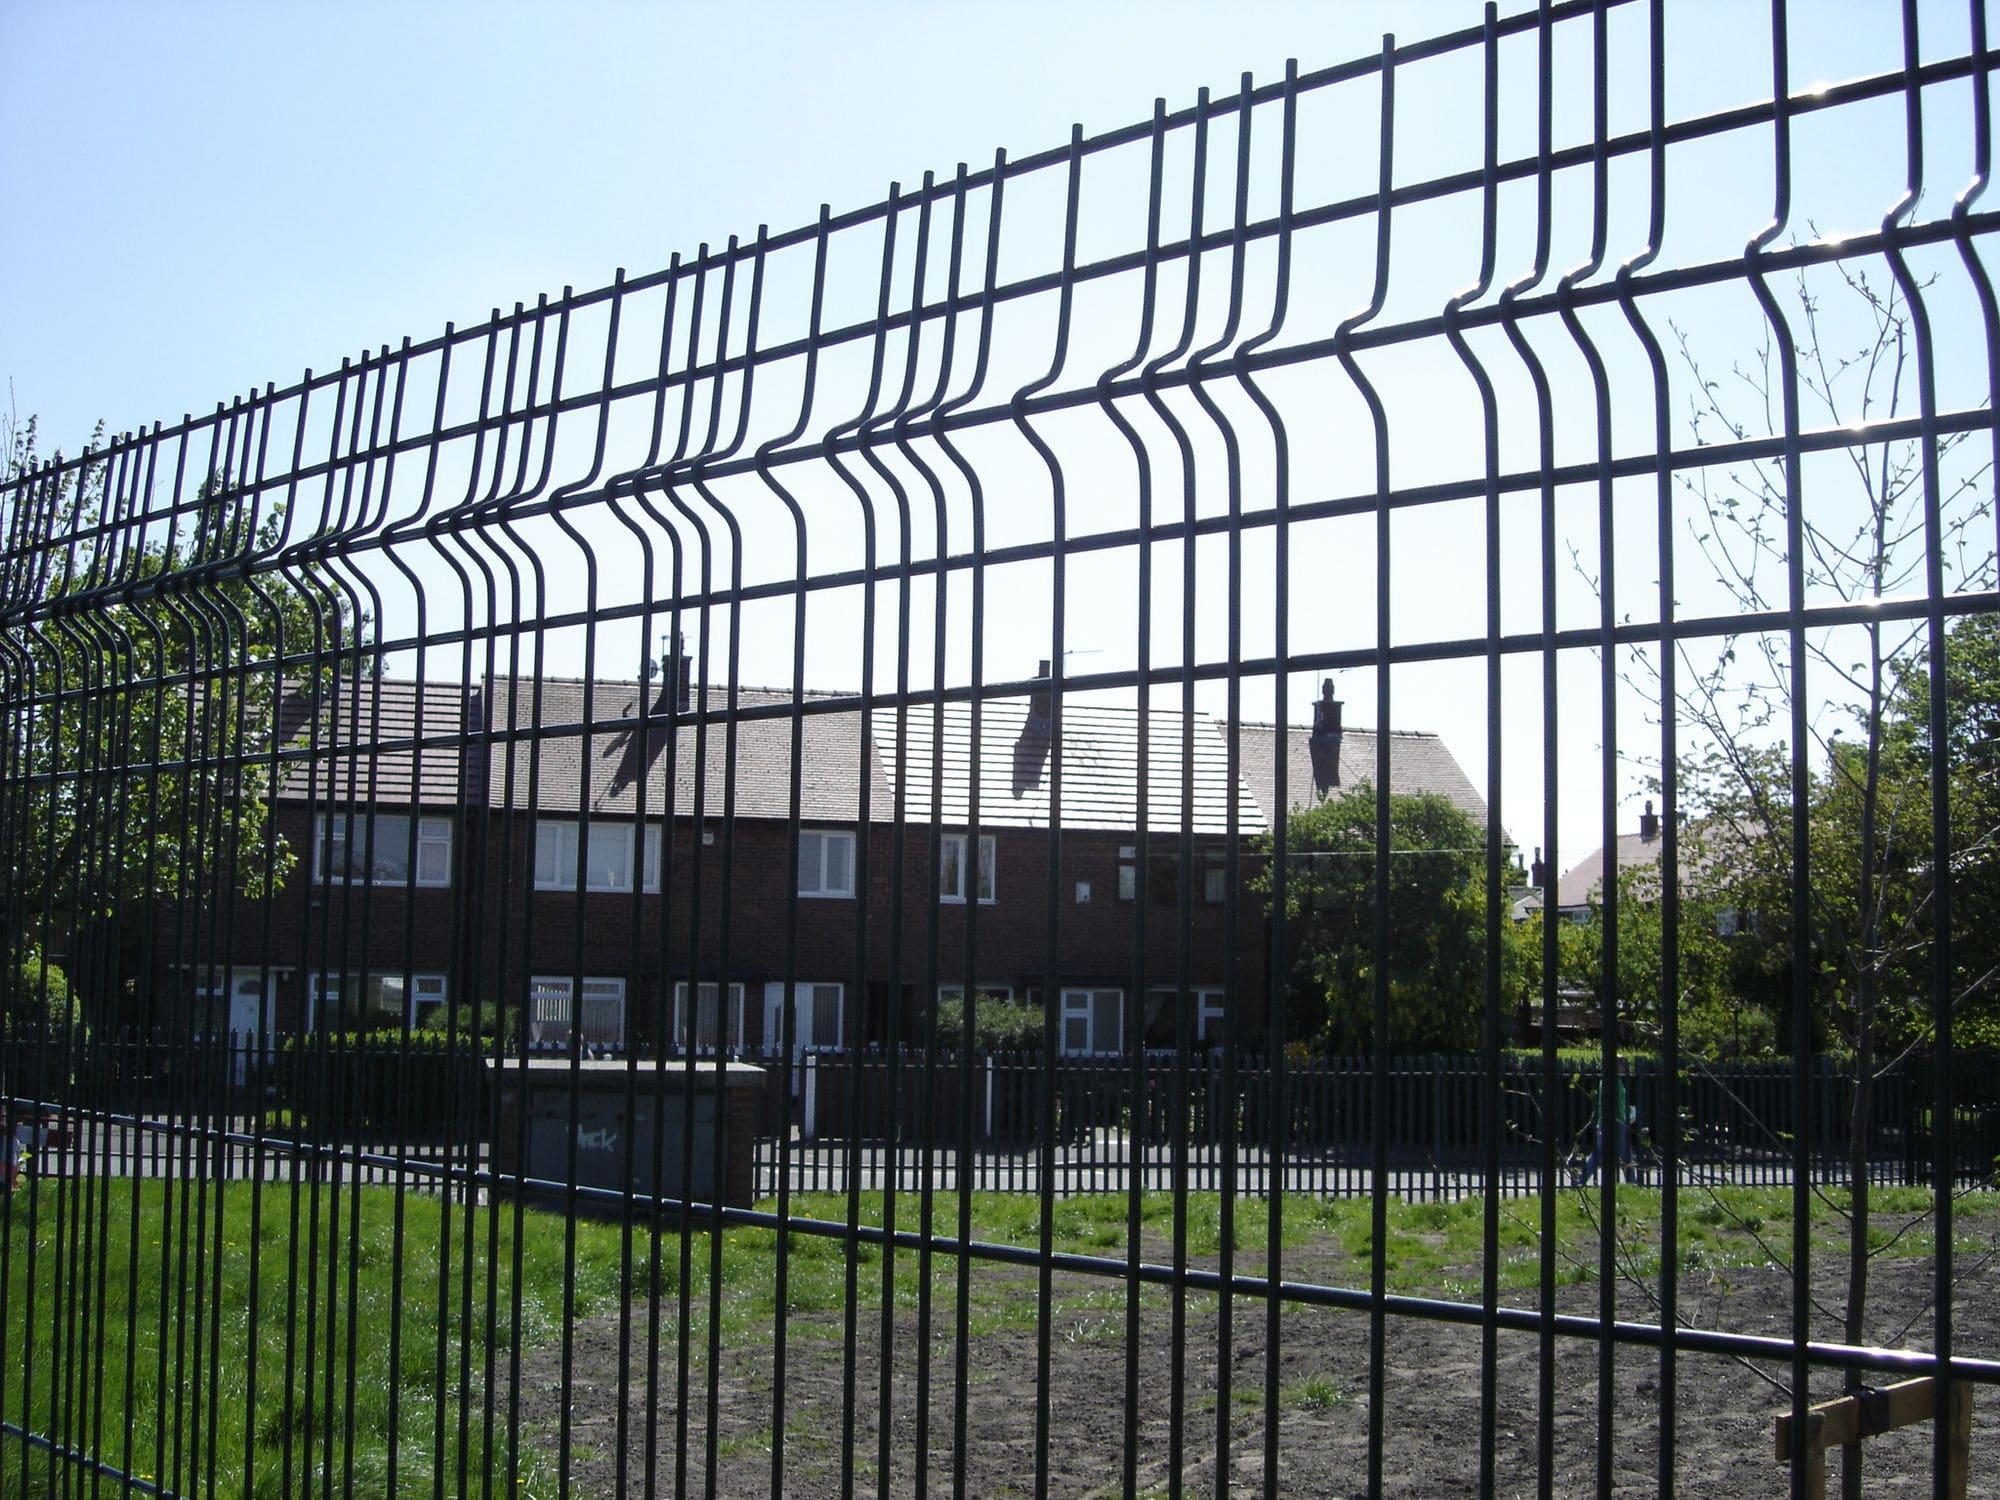 Clôture De Jardin / Pour Espace Public / Pour Espaces Verts ... tout Cloture Jardin Grillage Rigide